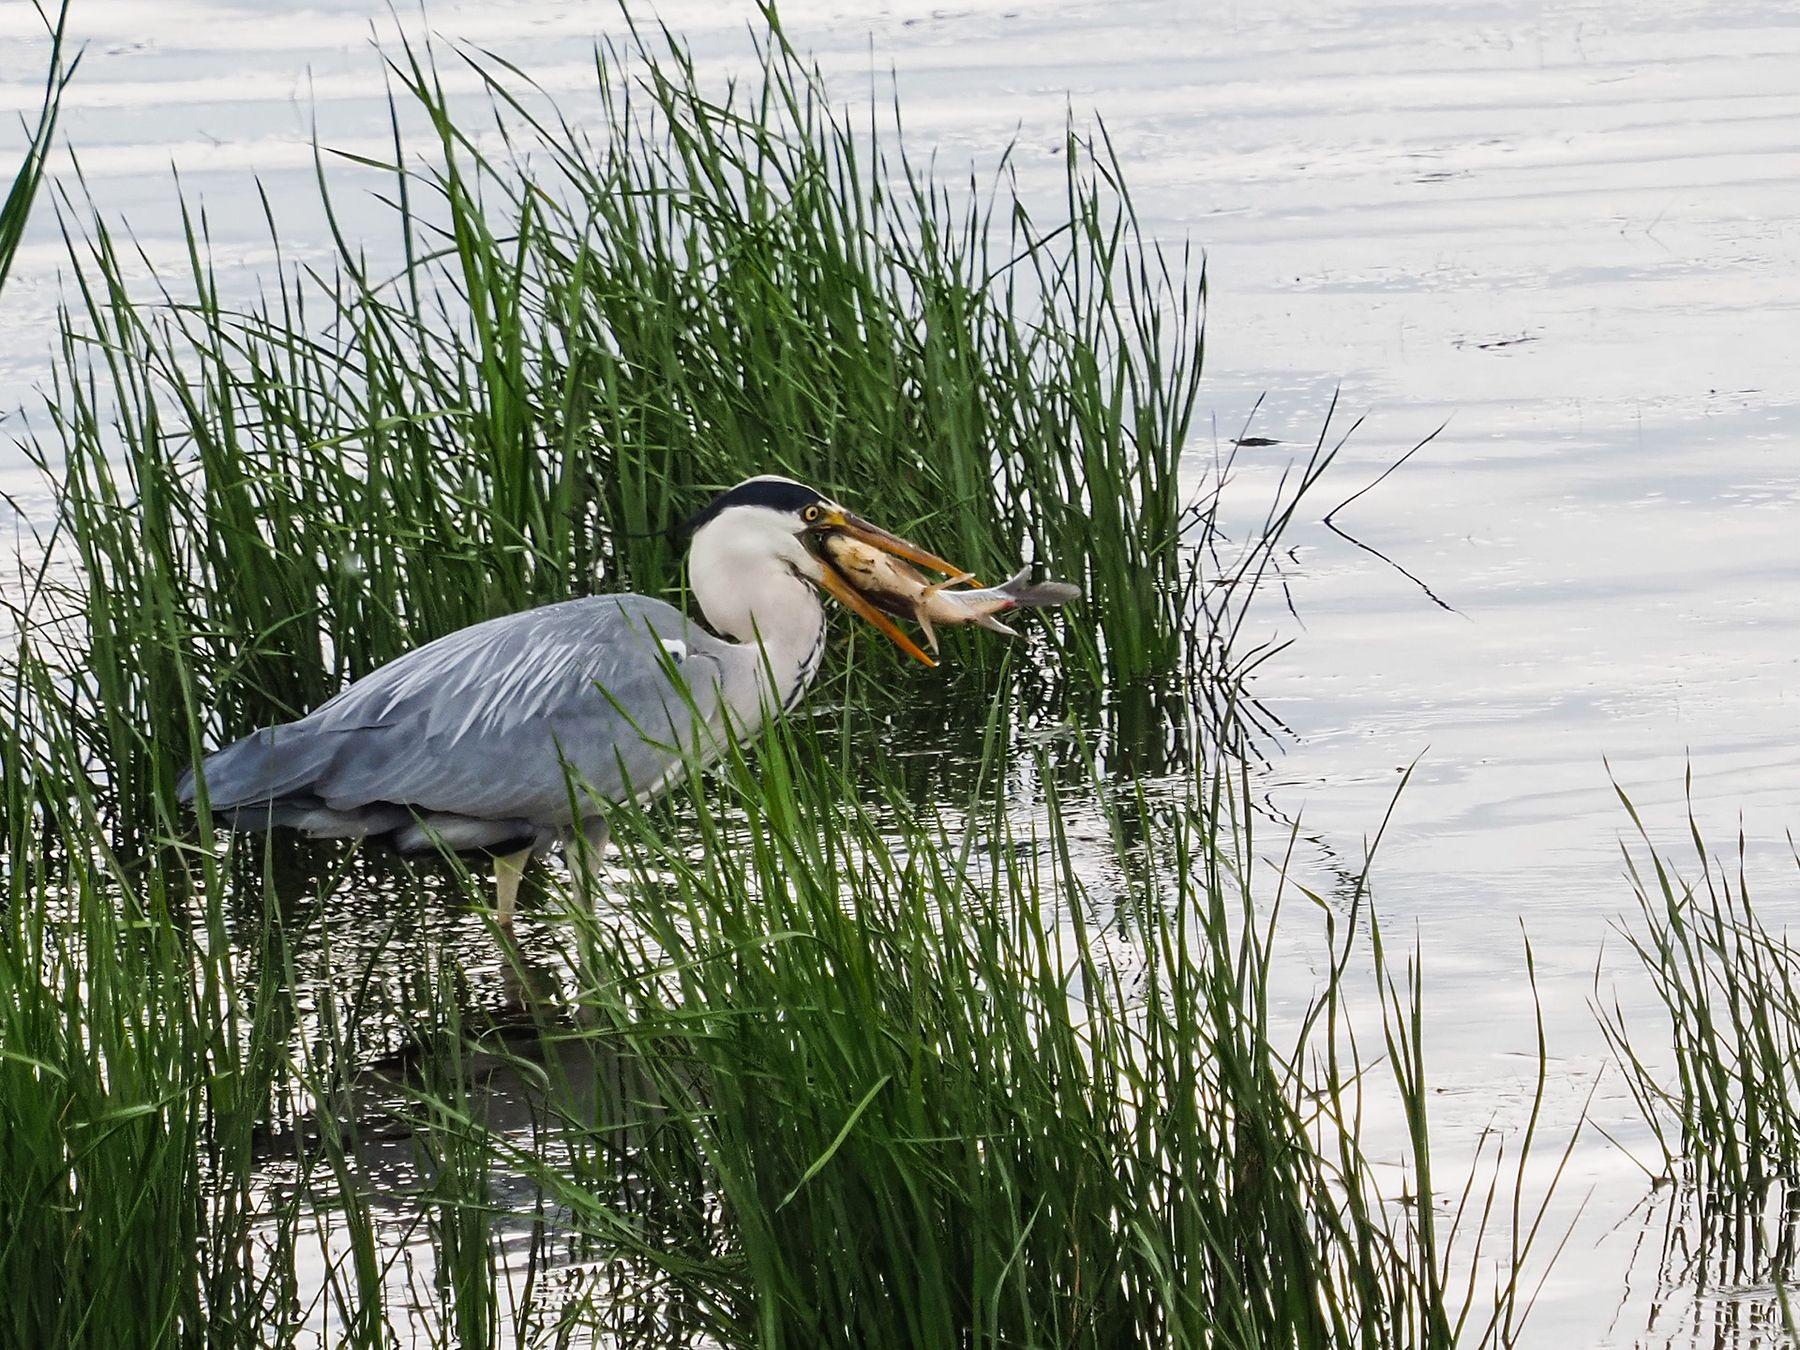 Рыбачка цапля -2 Лето природа птицы